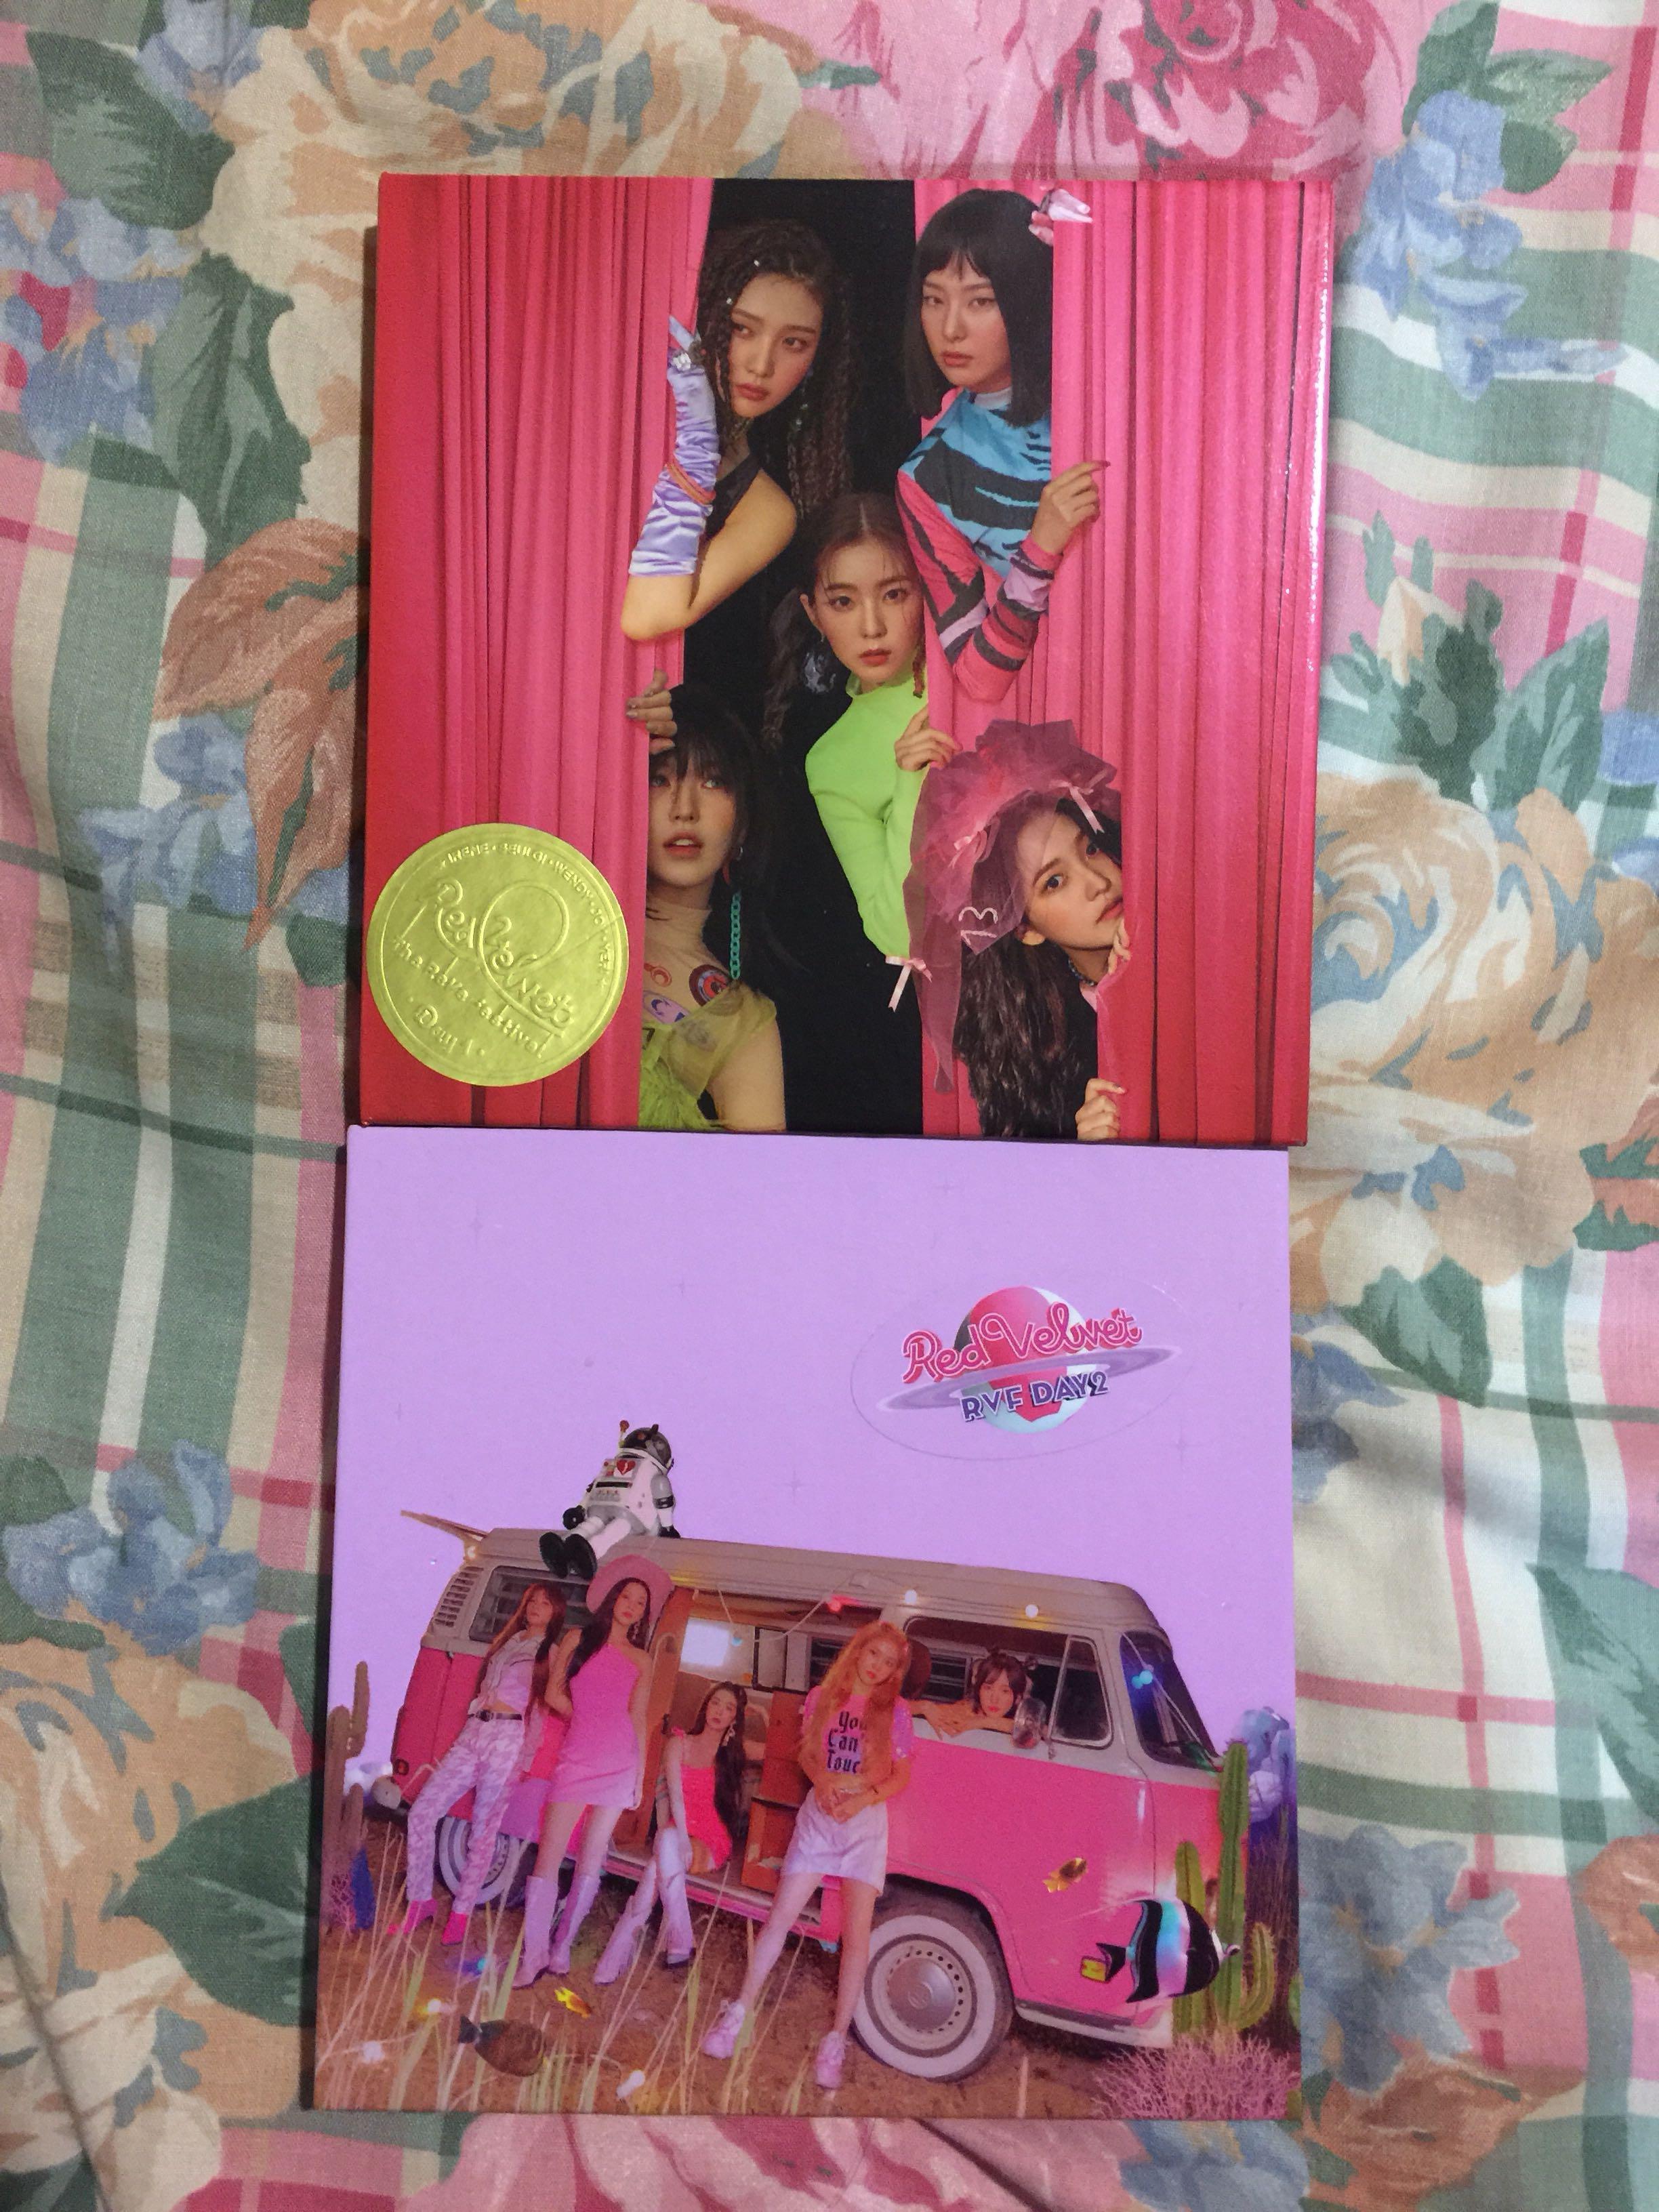 Red Velvet The Reve Festival day 1 day 2 guidebook